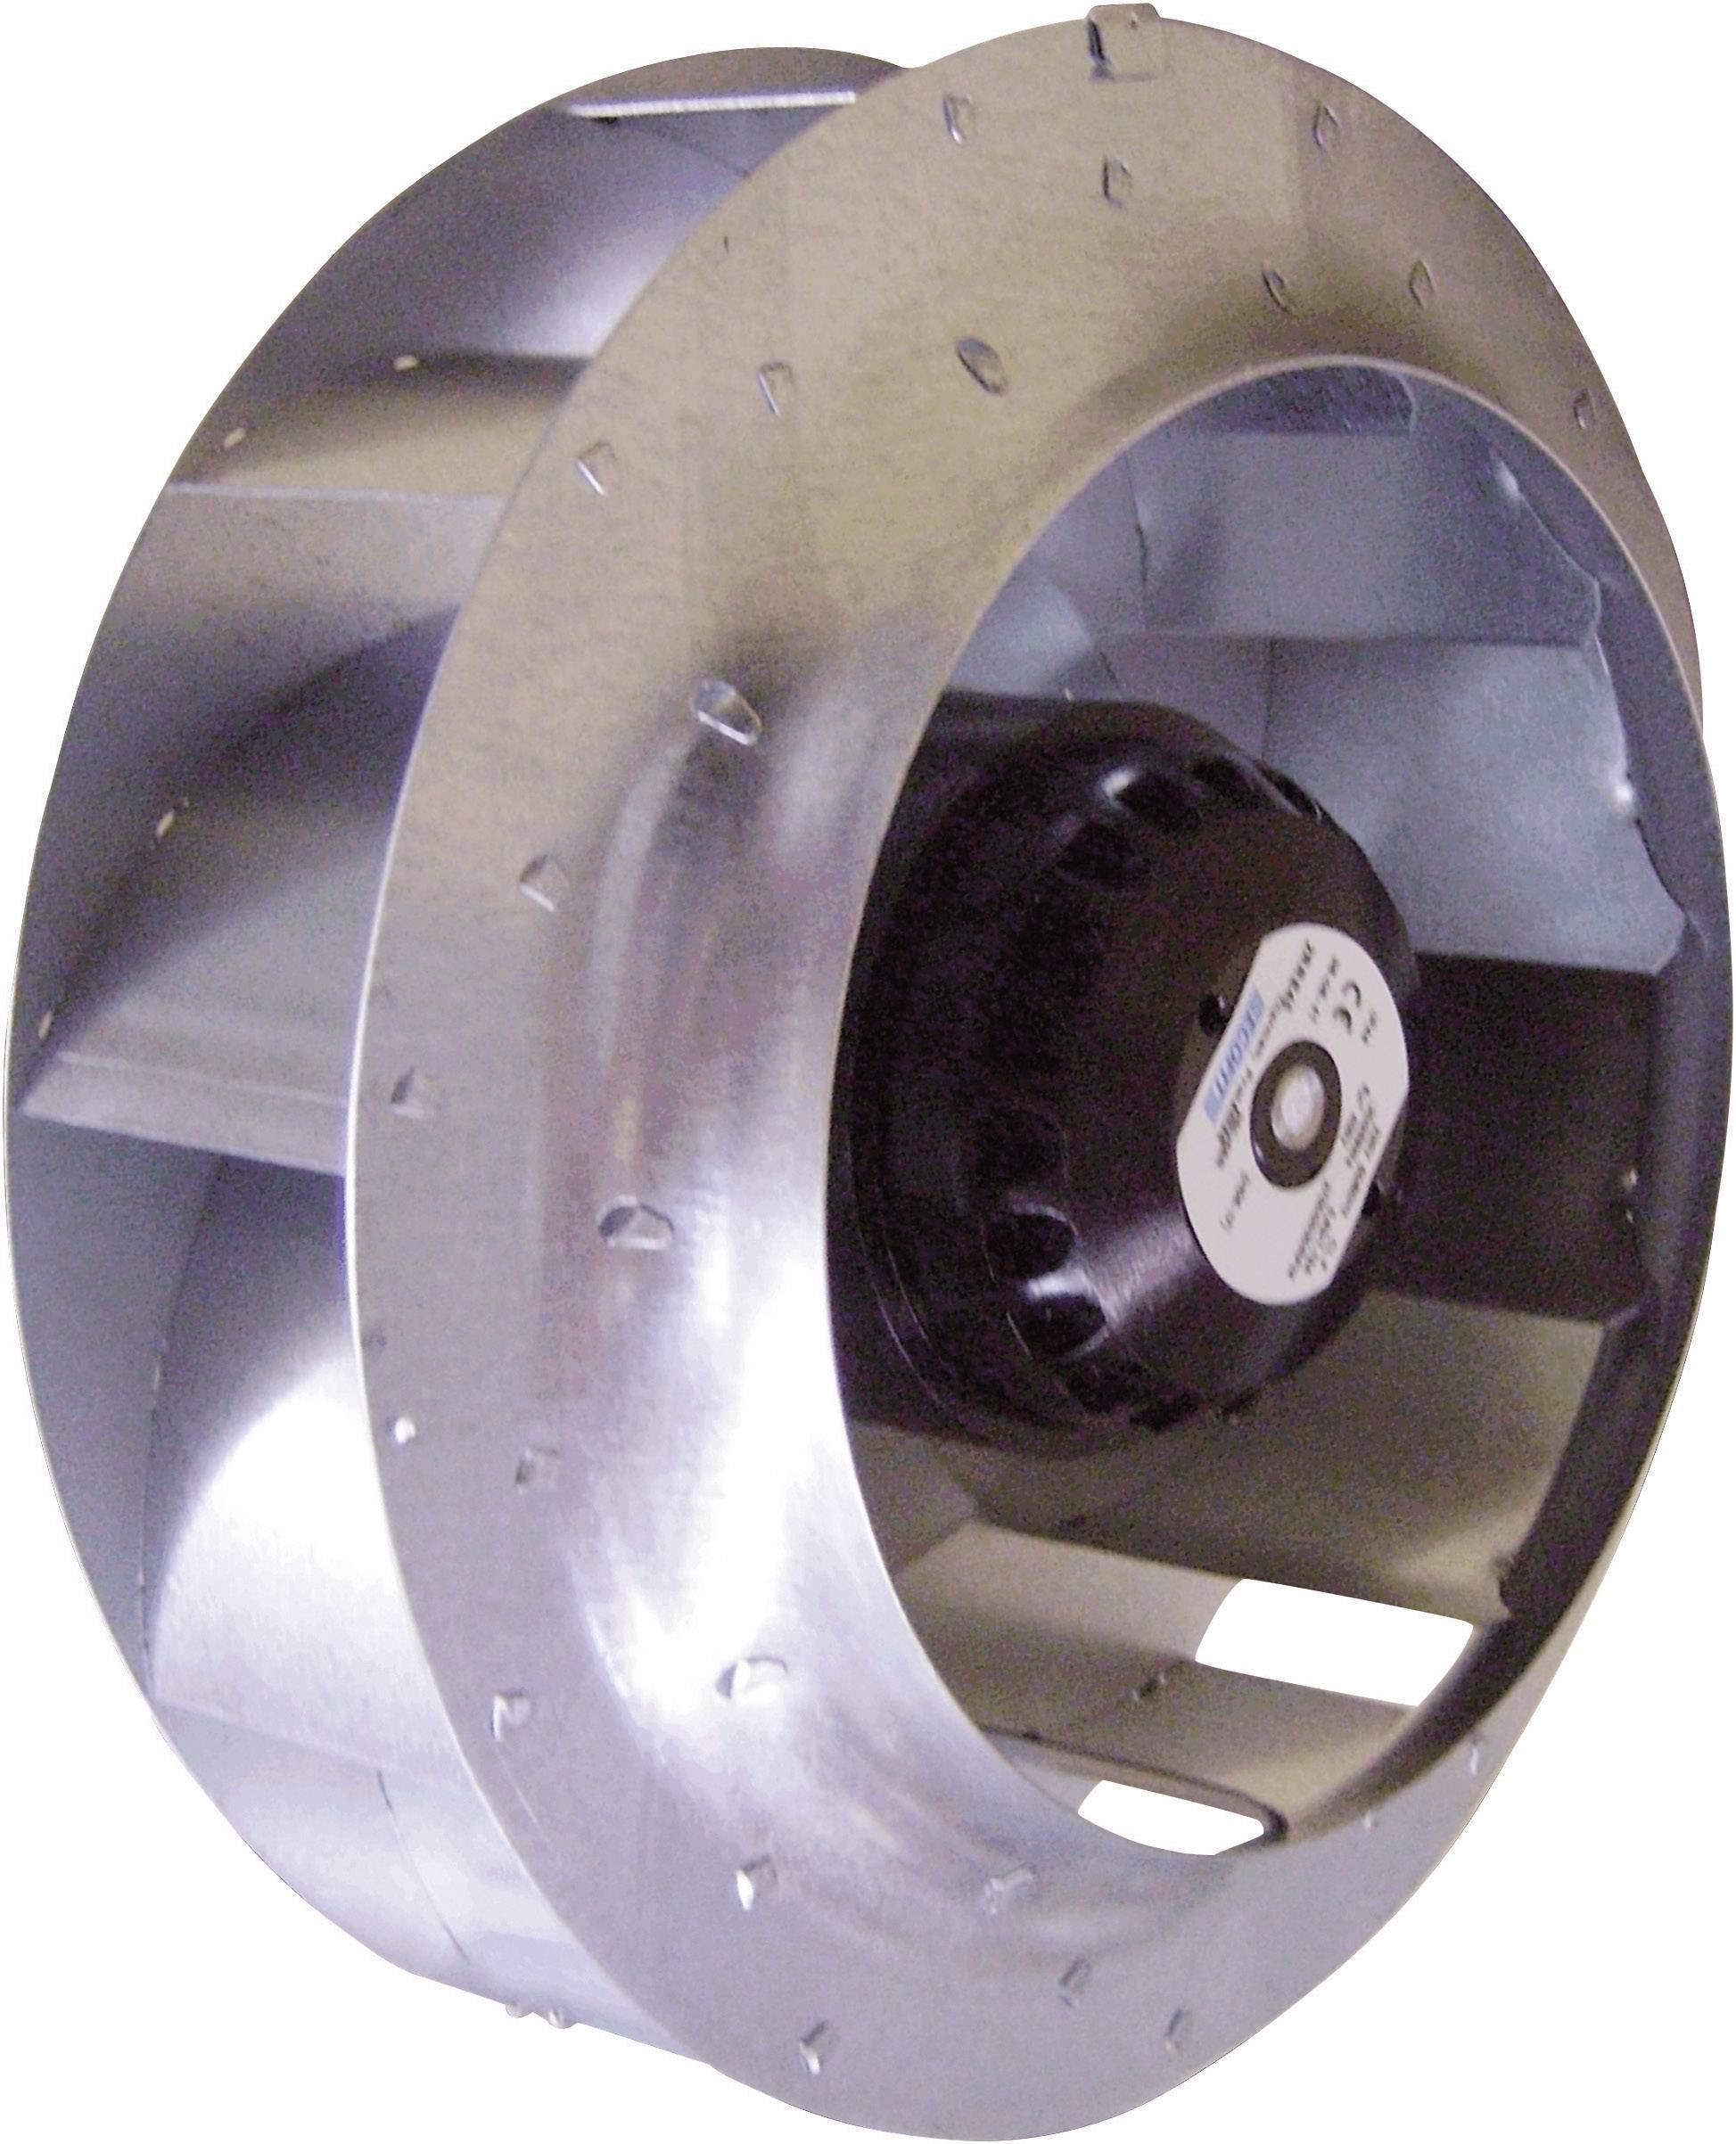 Axiální ventilátor Ecofit 2RREA3 133X42R - D04-A4, 230 V/AC, 53 dB (A), (Ø x v) 134 mm x 91 mm